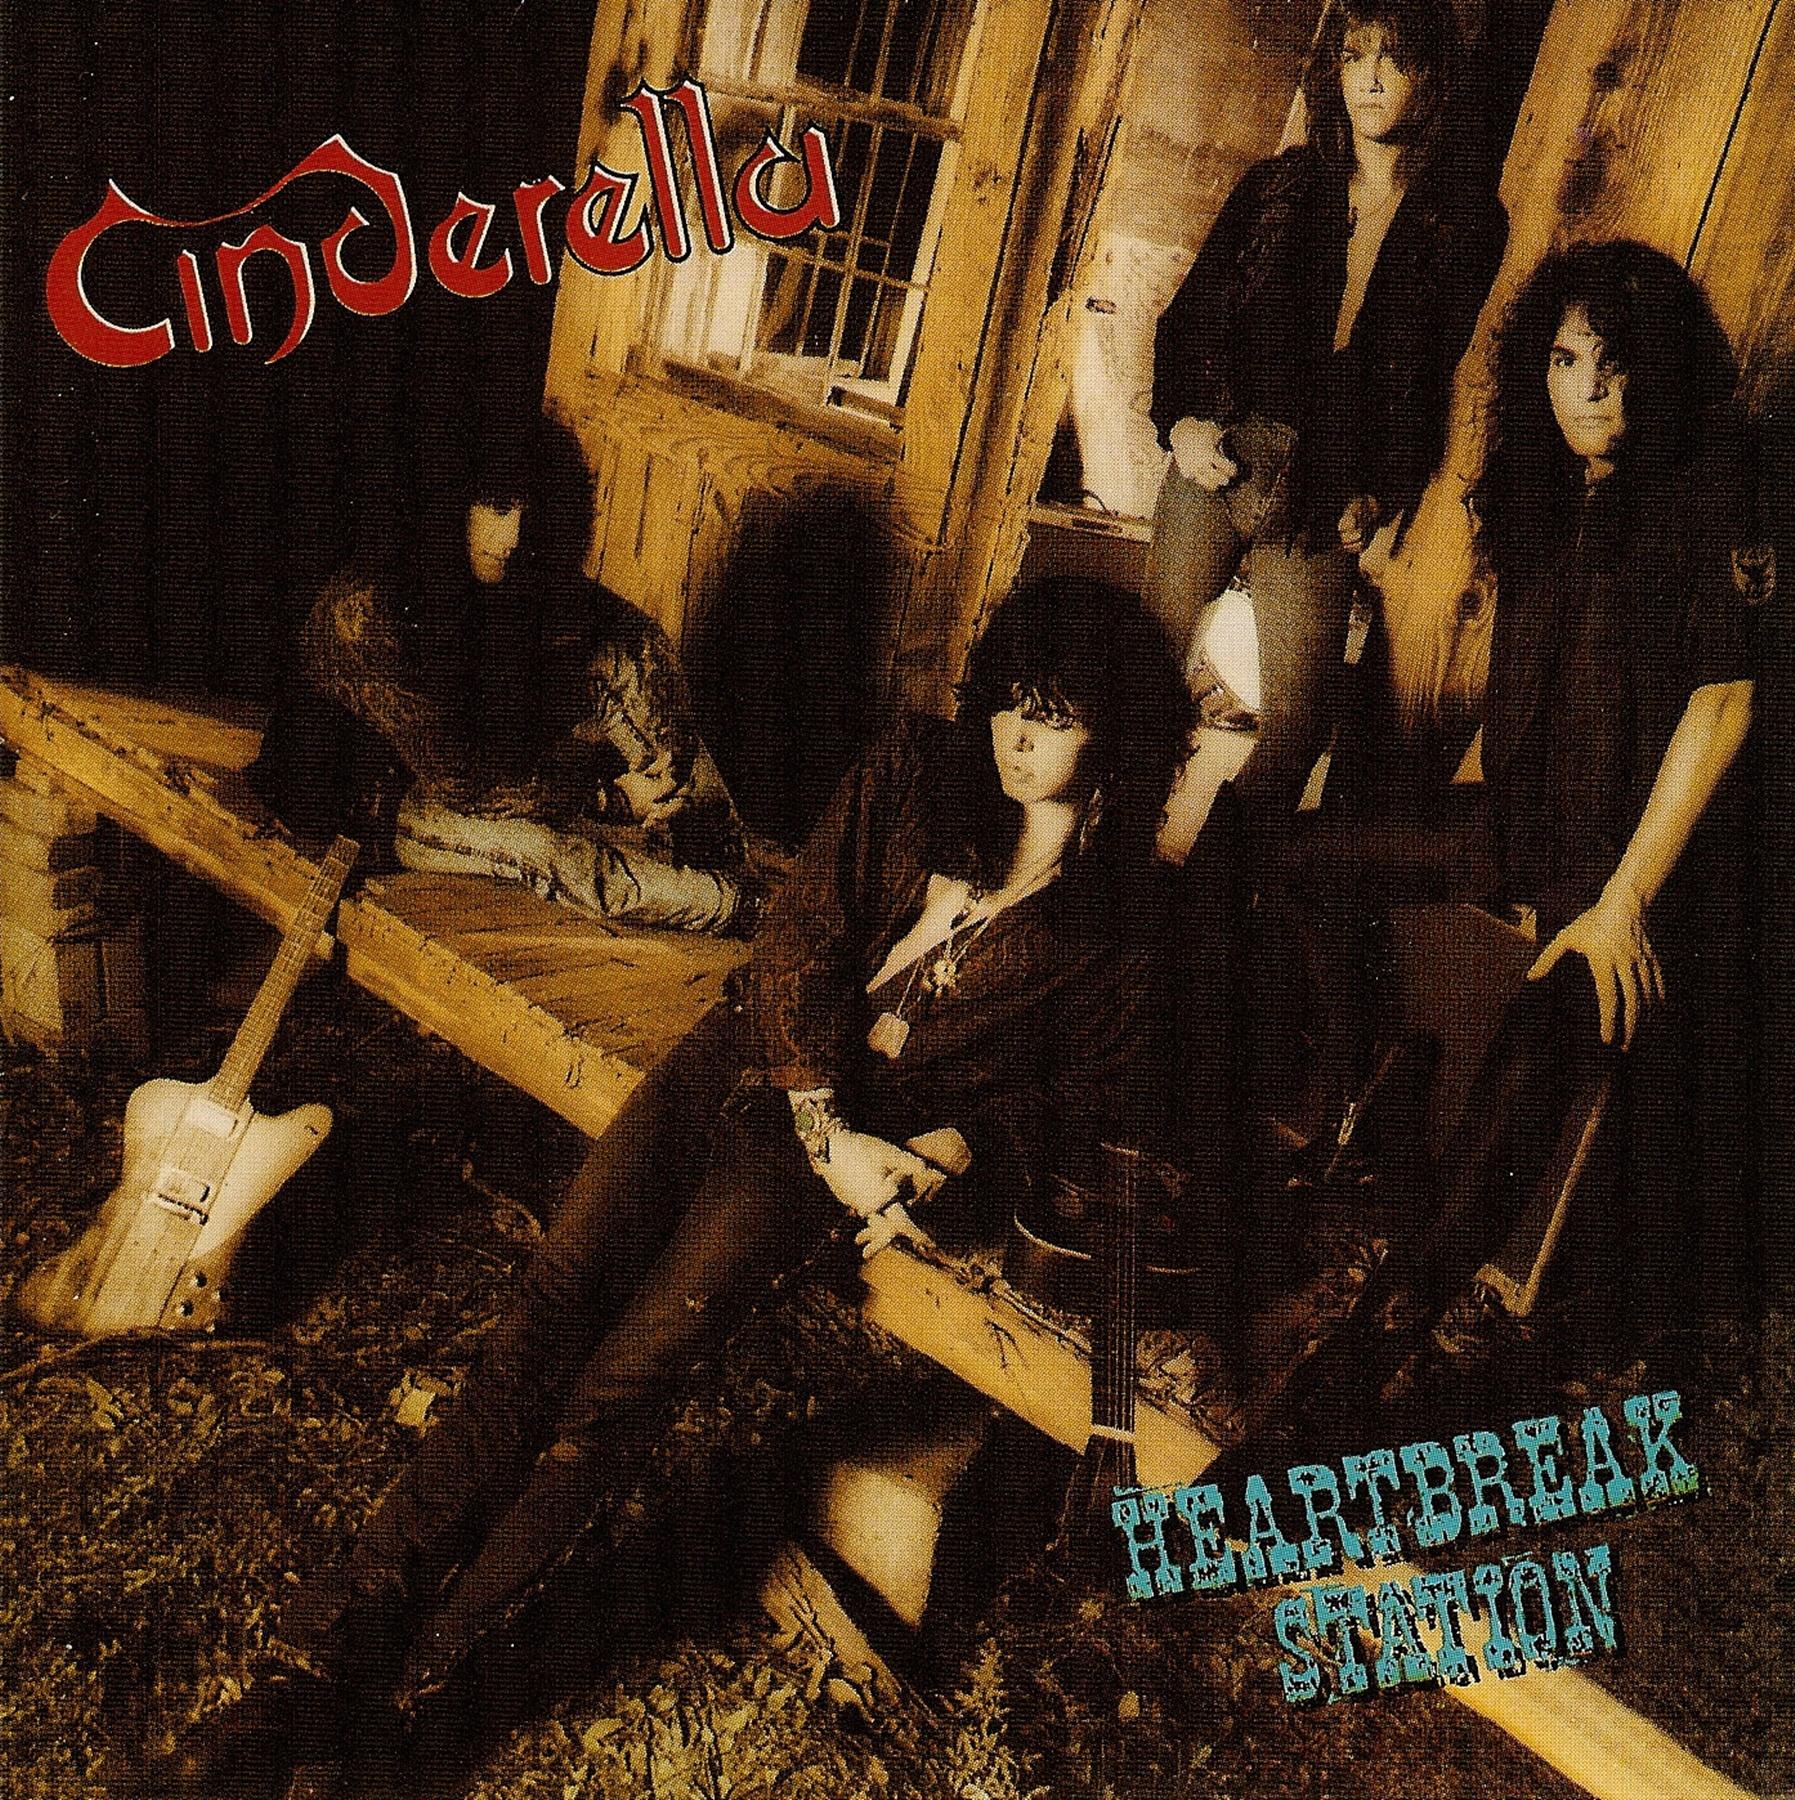 Cinderella - Dead Man's Road